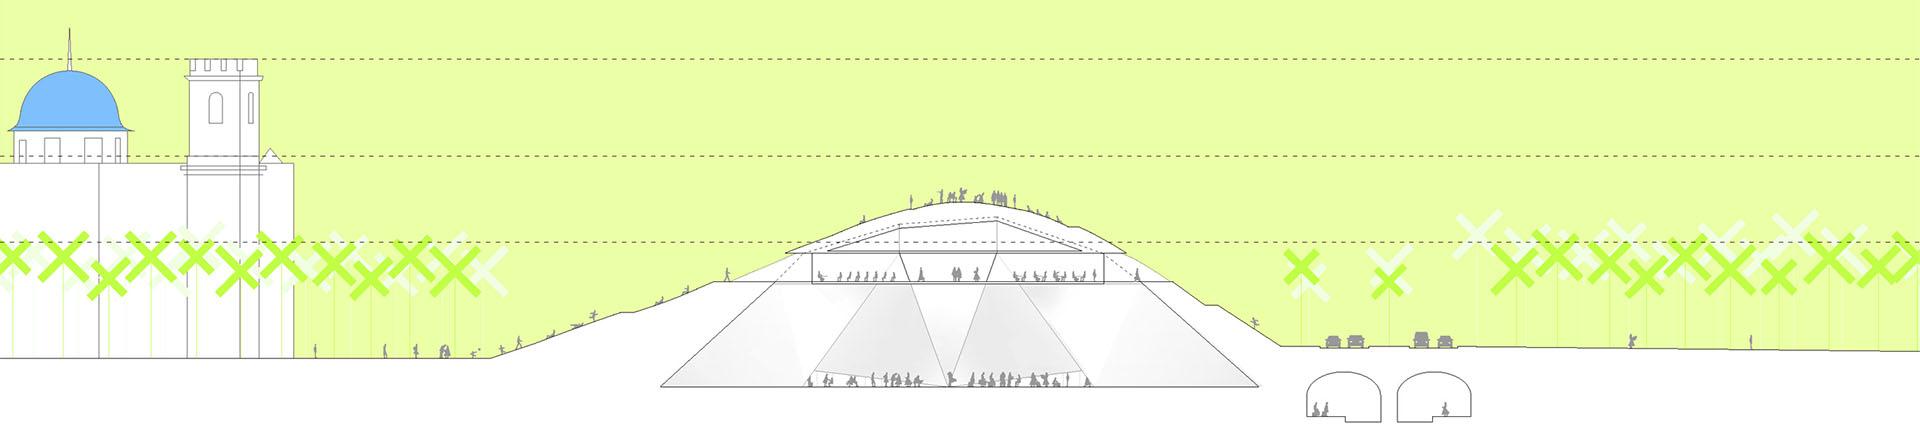 05 PLAYstudio_Mirador-Palmeral-Elche-seccion2